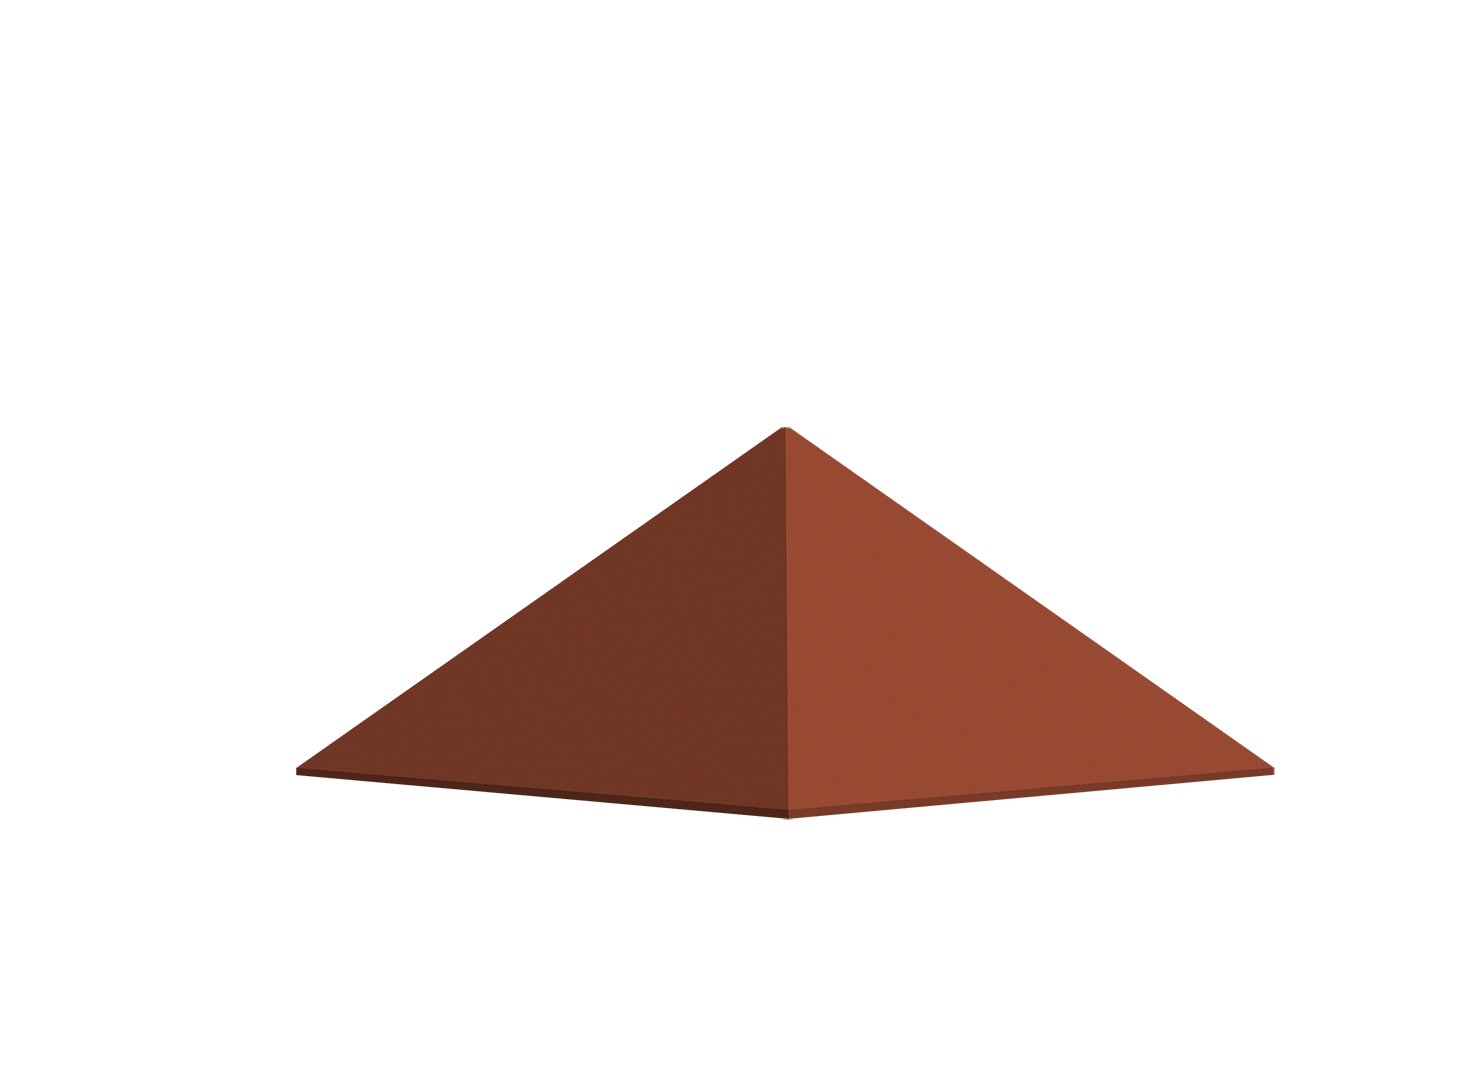 Pyramid Awning Metro Awnings Las Vegas